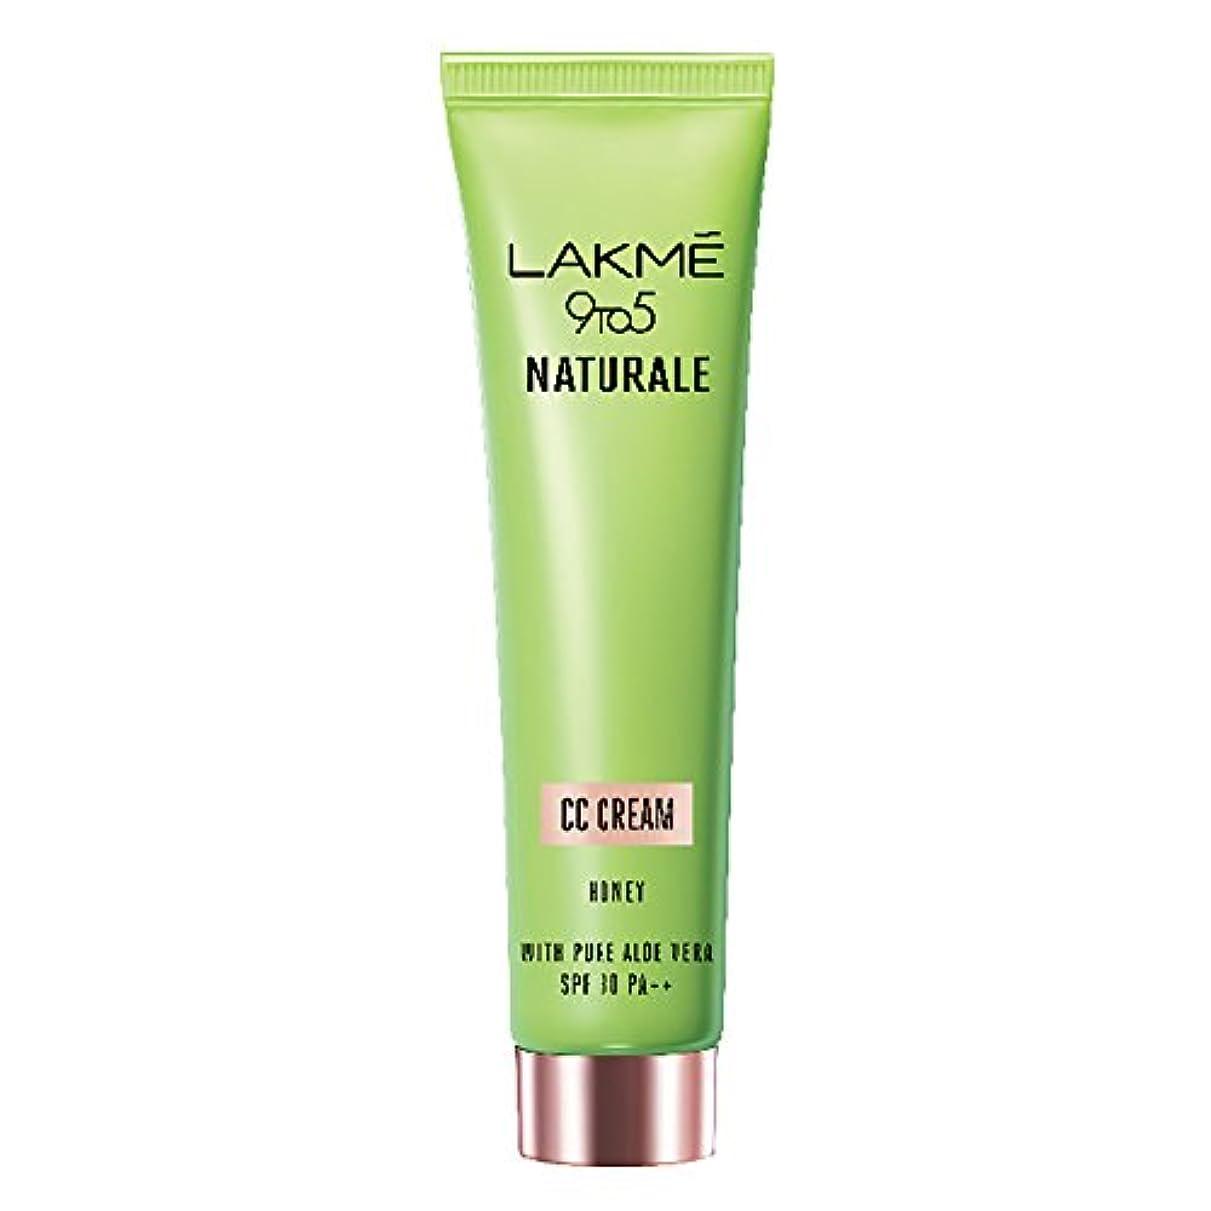 ましい革命重荷Lakme 9 to 5 Naturale CC Cream, Honey, 30g